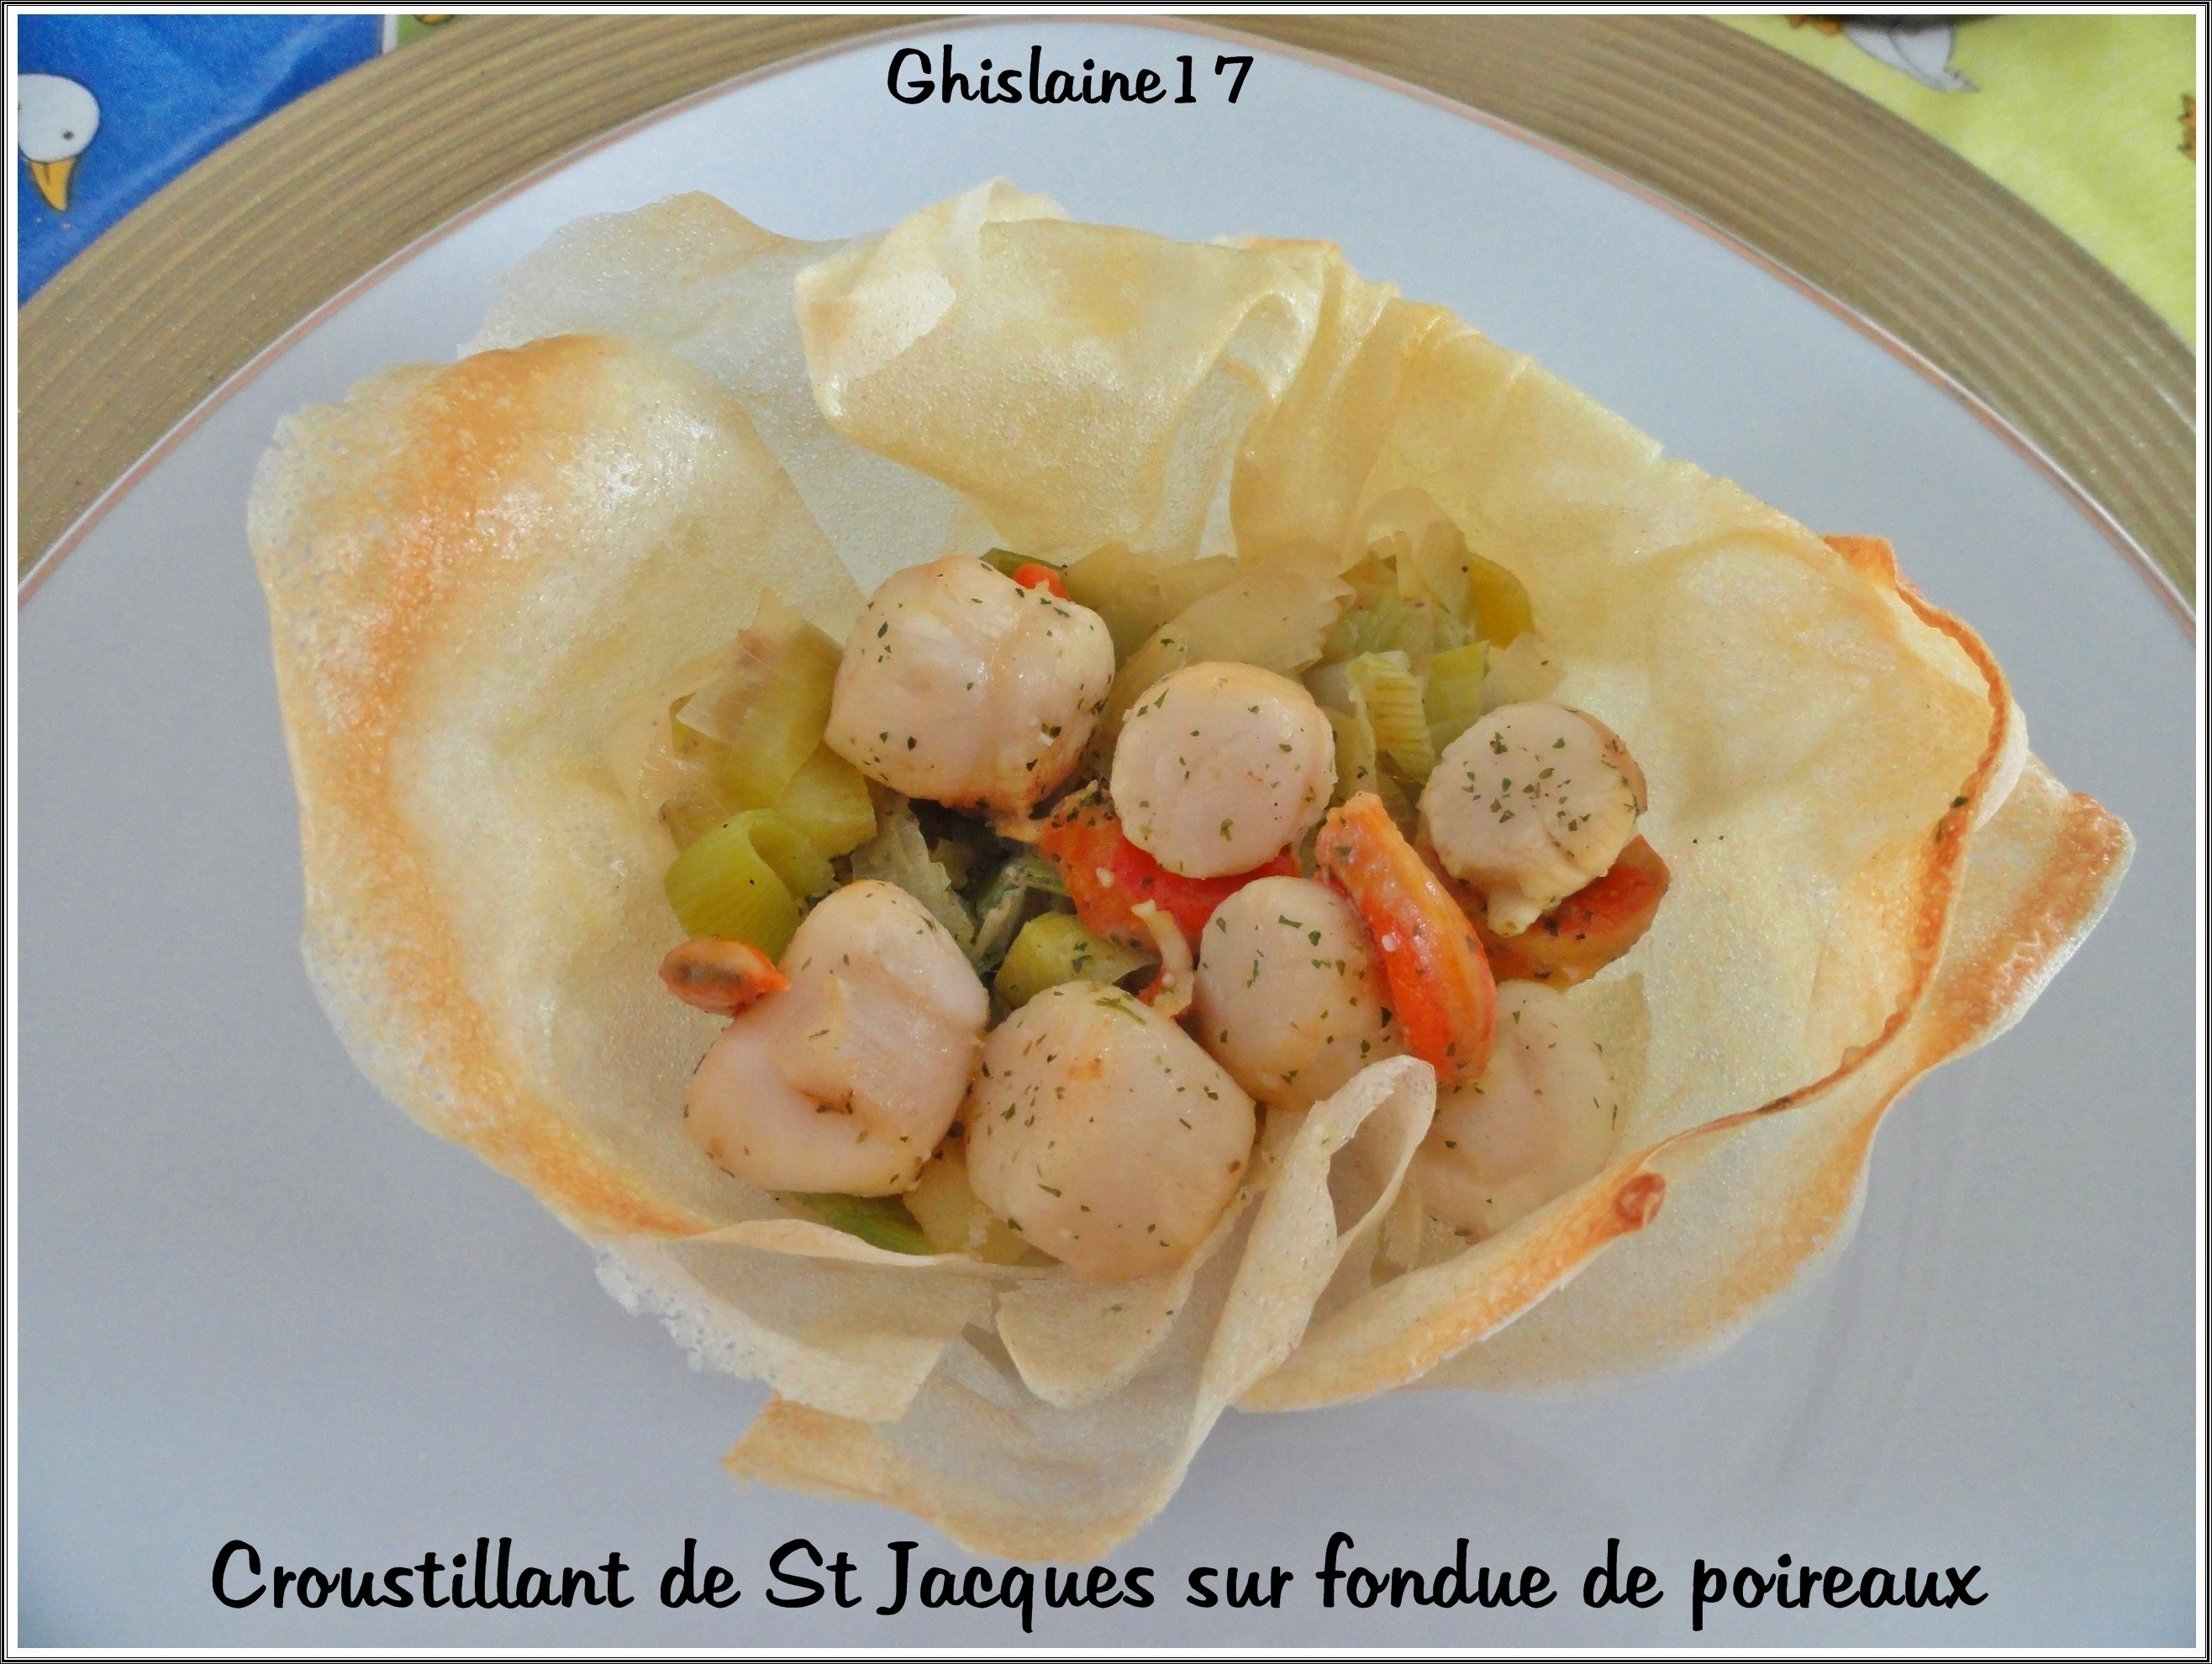 Croustade de St Jacques sur fondue de poireaux